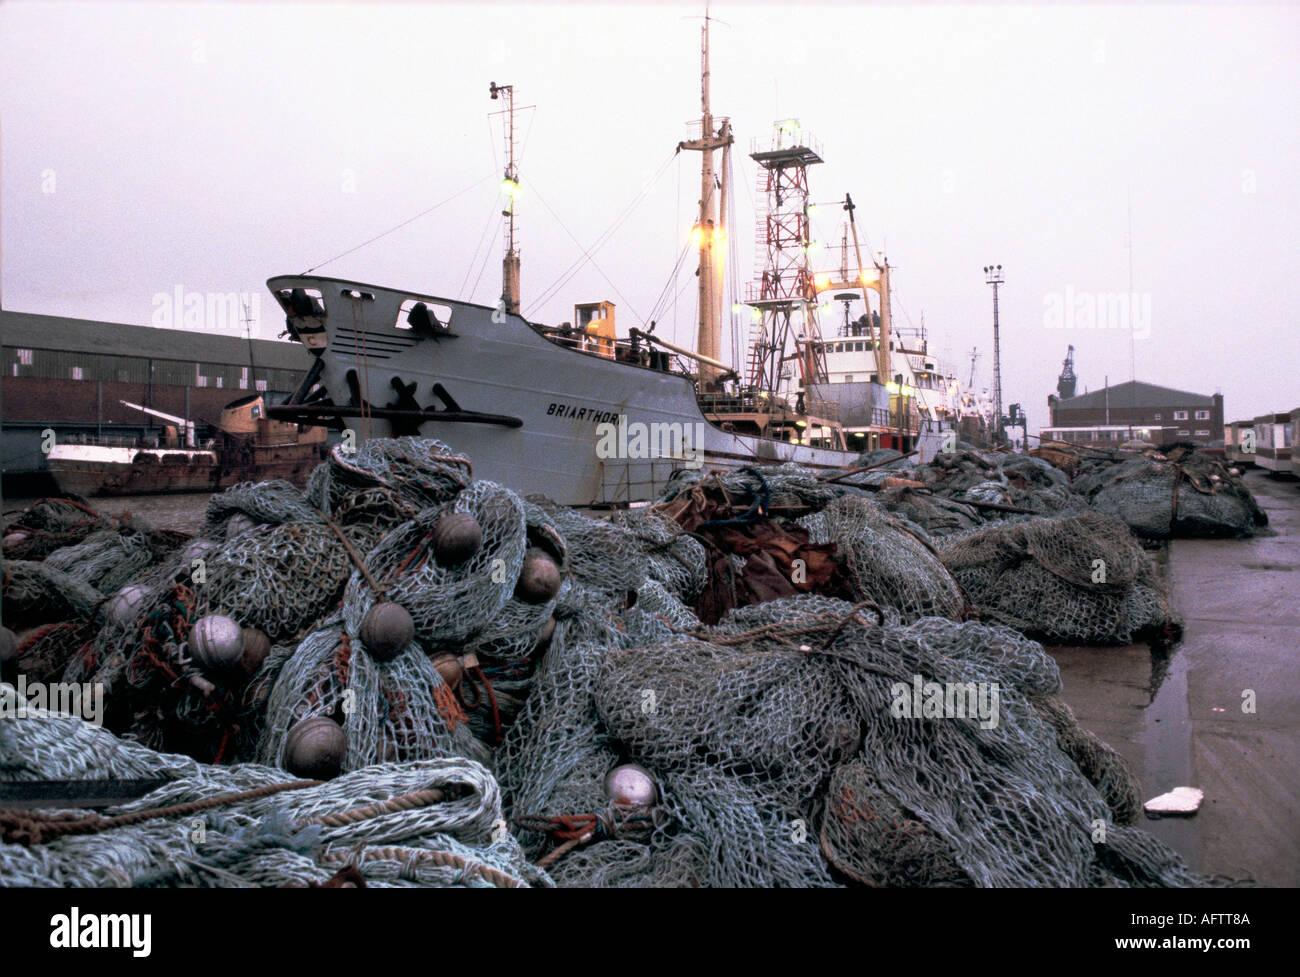 Fleetwood fishing industry Lancashire - Stock Image